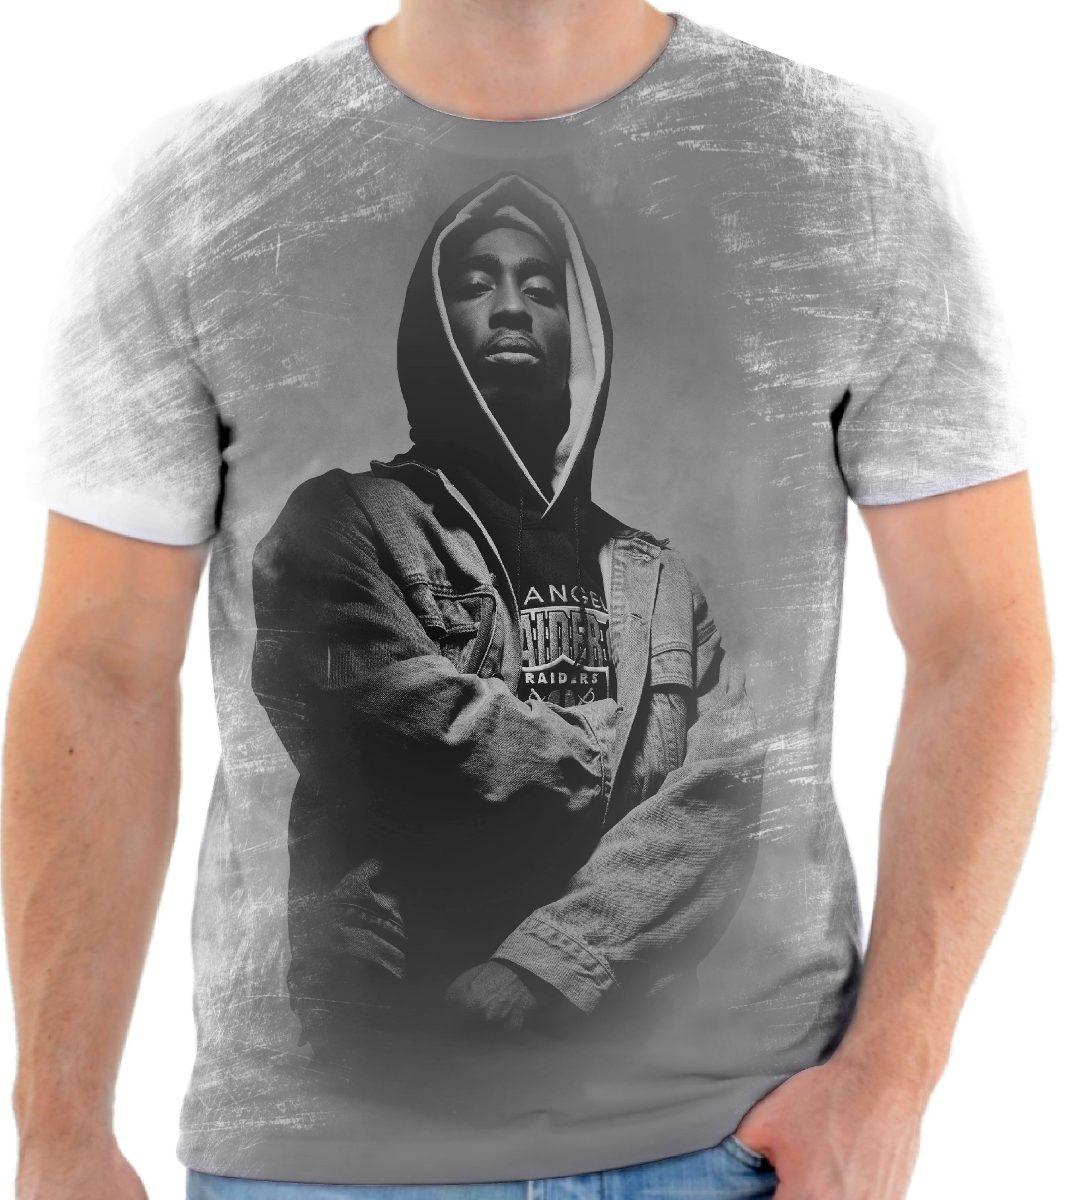 Camiseta Camisa Personalizada Rapper Tupac Shakur Makaveli 2 - R  44 ... 9a81634c351bc